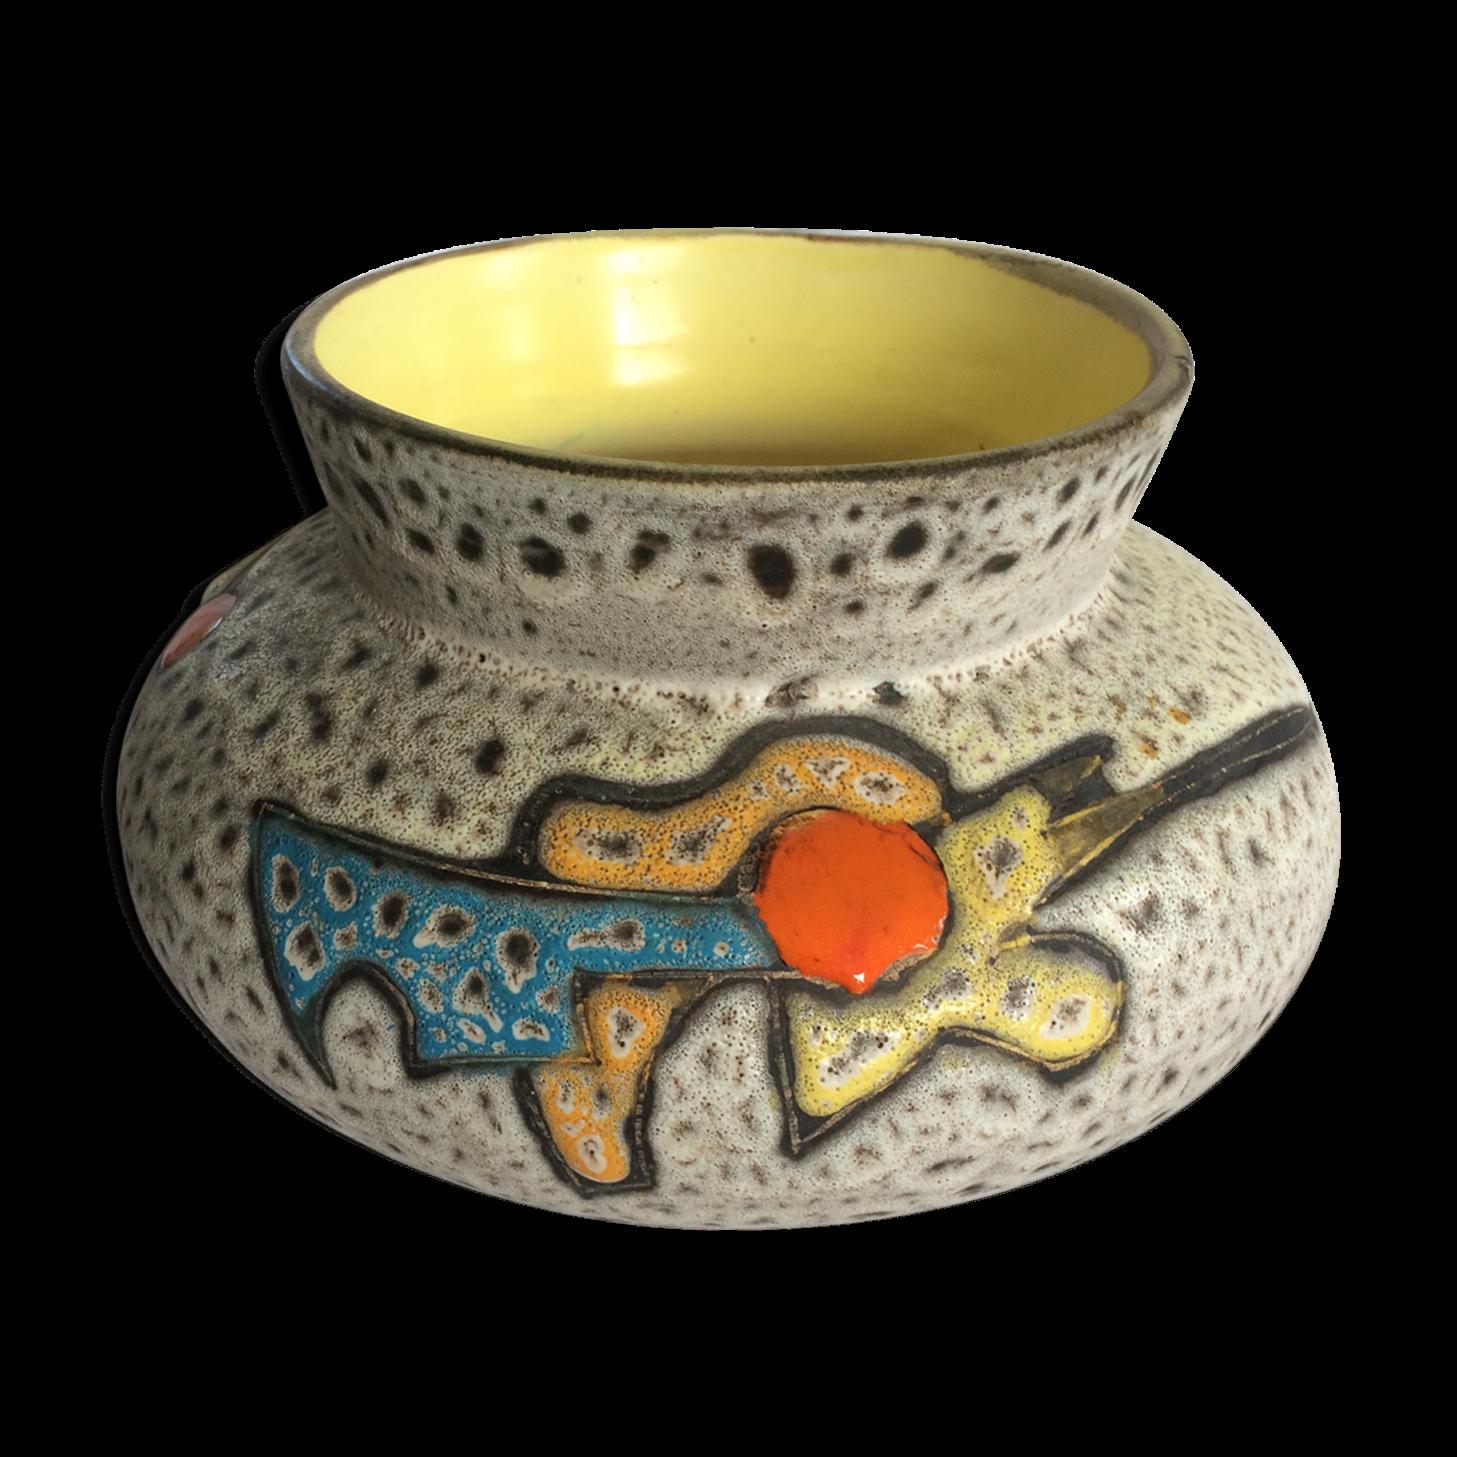 vase haut pas cher perfect le vase en verre droit cylindrique haut cm luxe mariage bougies. Black Bedroom Furniture Sets. Home Design Ideas